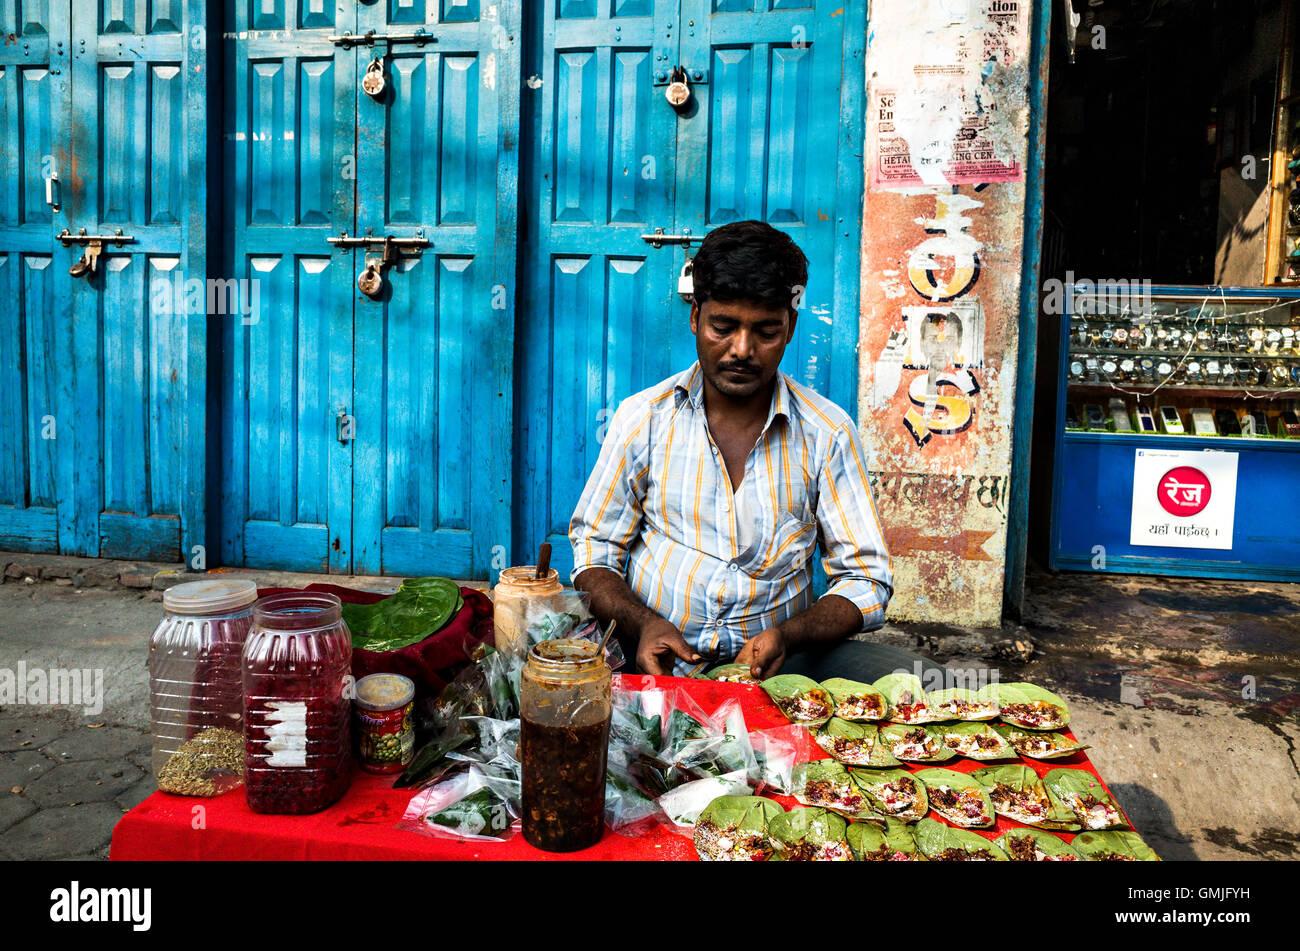 Portrait de voyage d'un Indien homme d'âge moyen de 30 à 40 ans dans la rue Paan vente Photo Stock